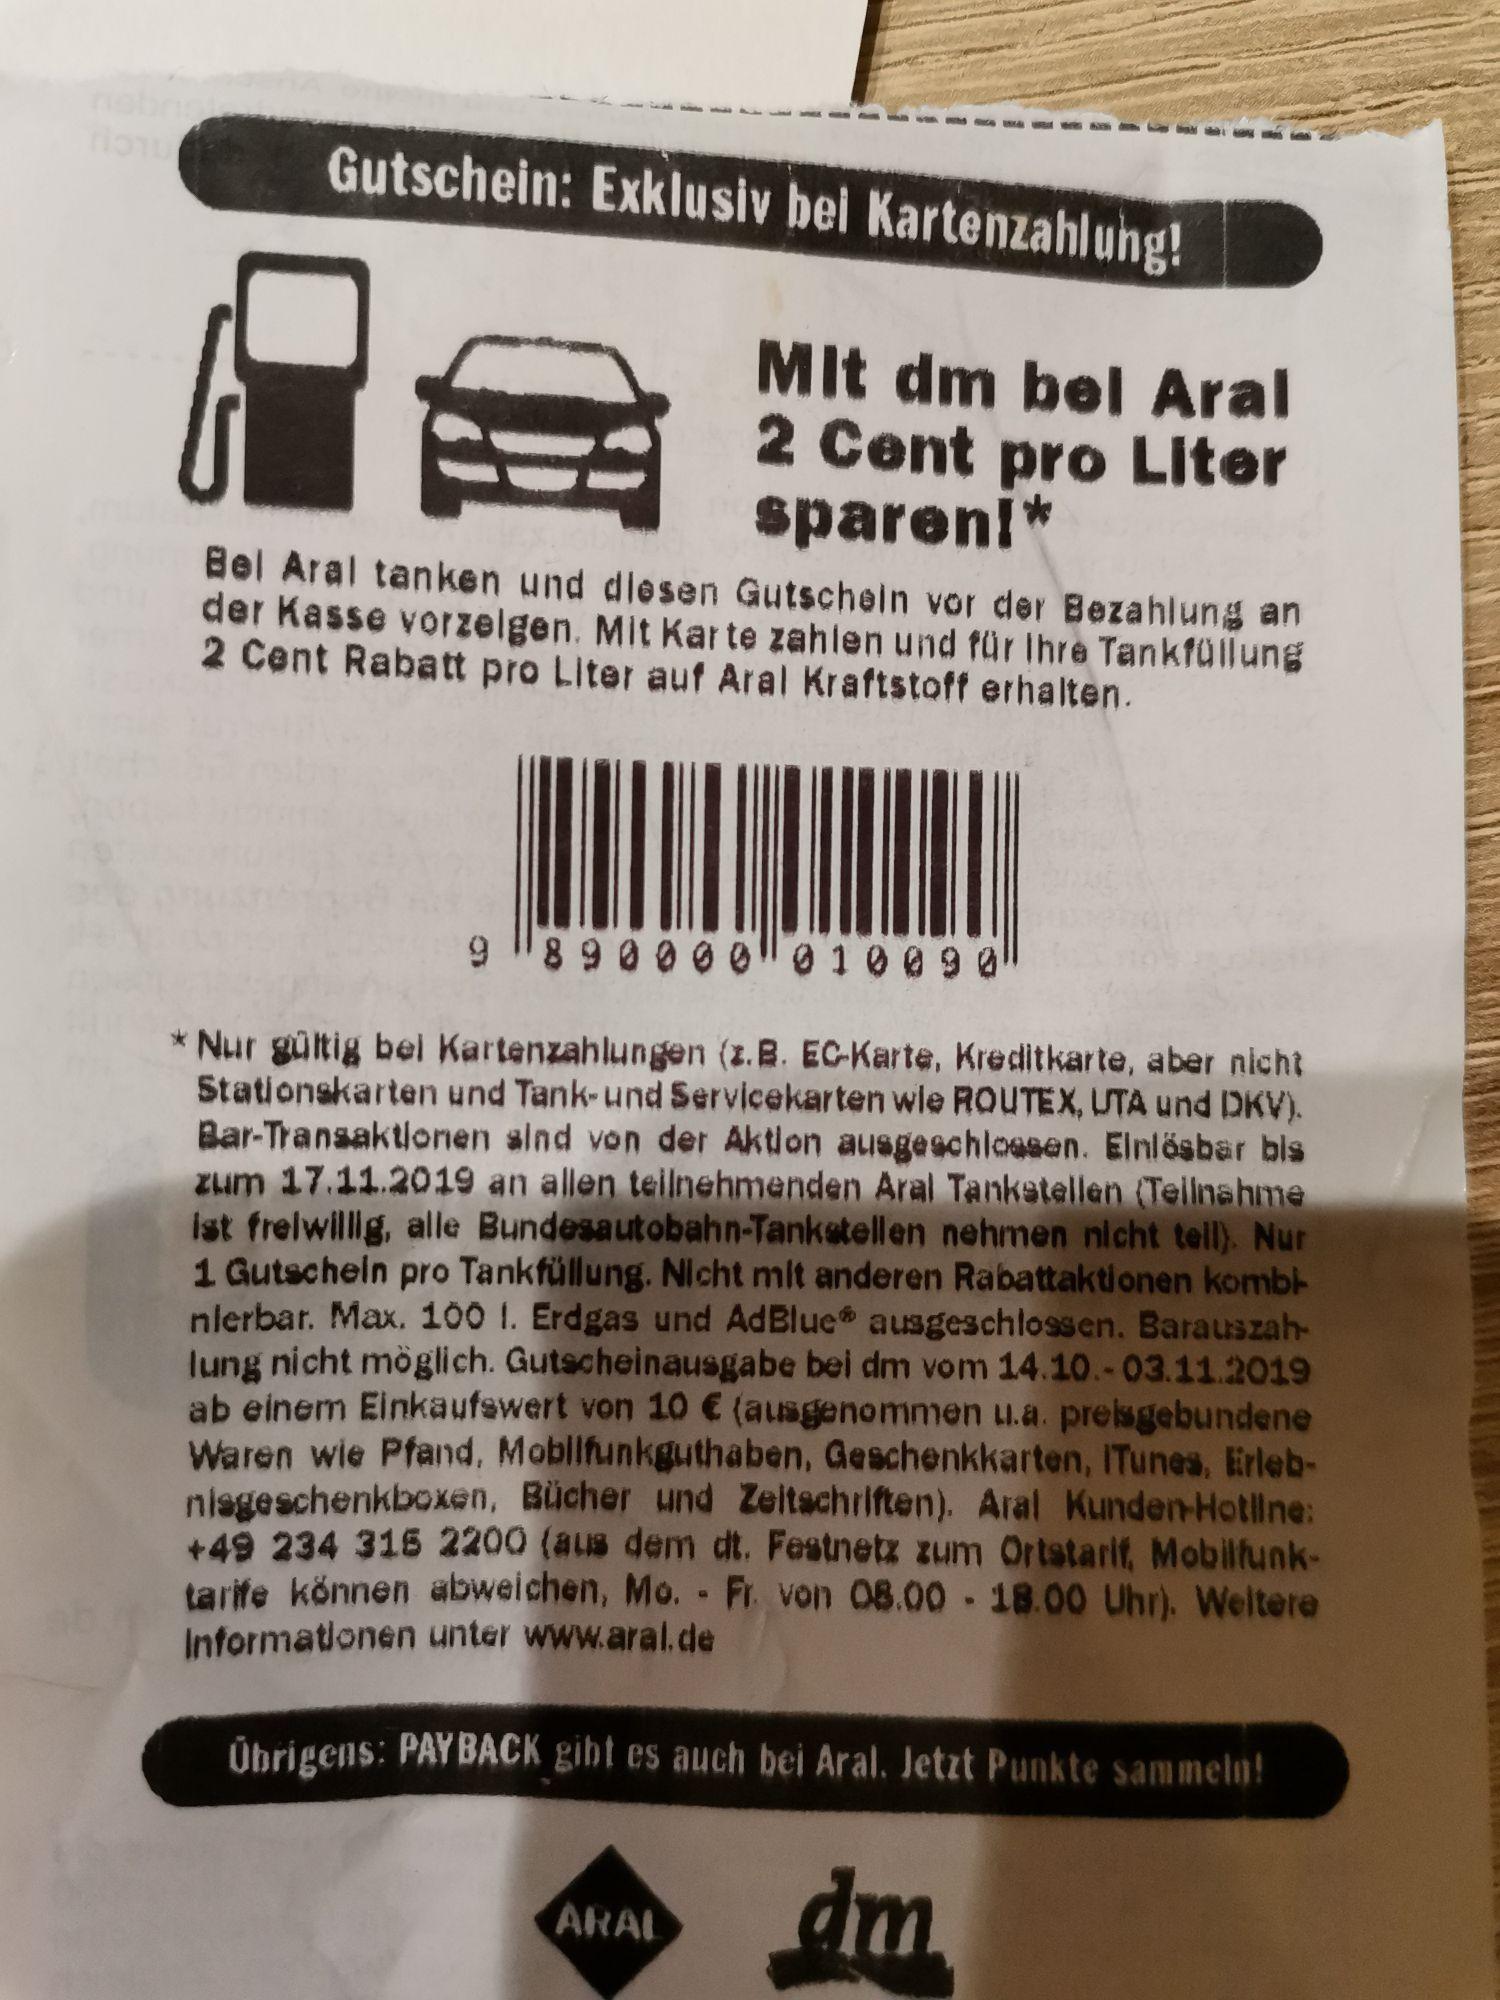 2 Cent Rabatt je Liter - Aral